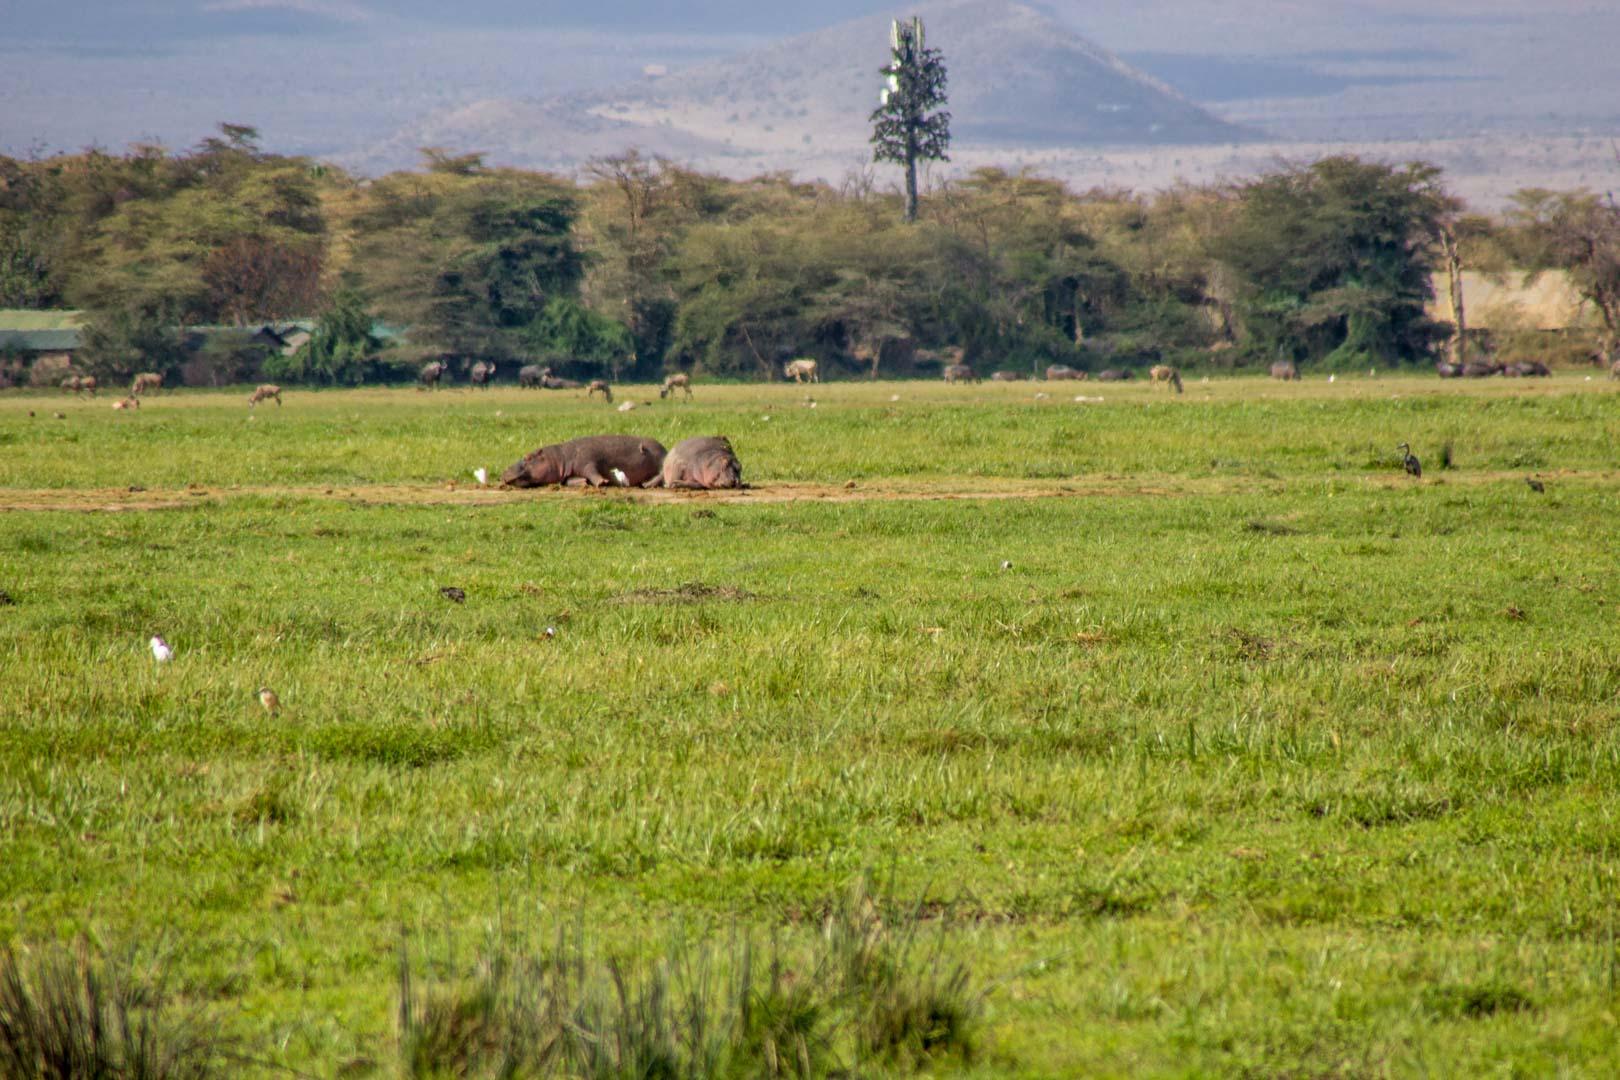 Hipopótamos a lo lejos, Amboseli, Kenia